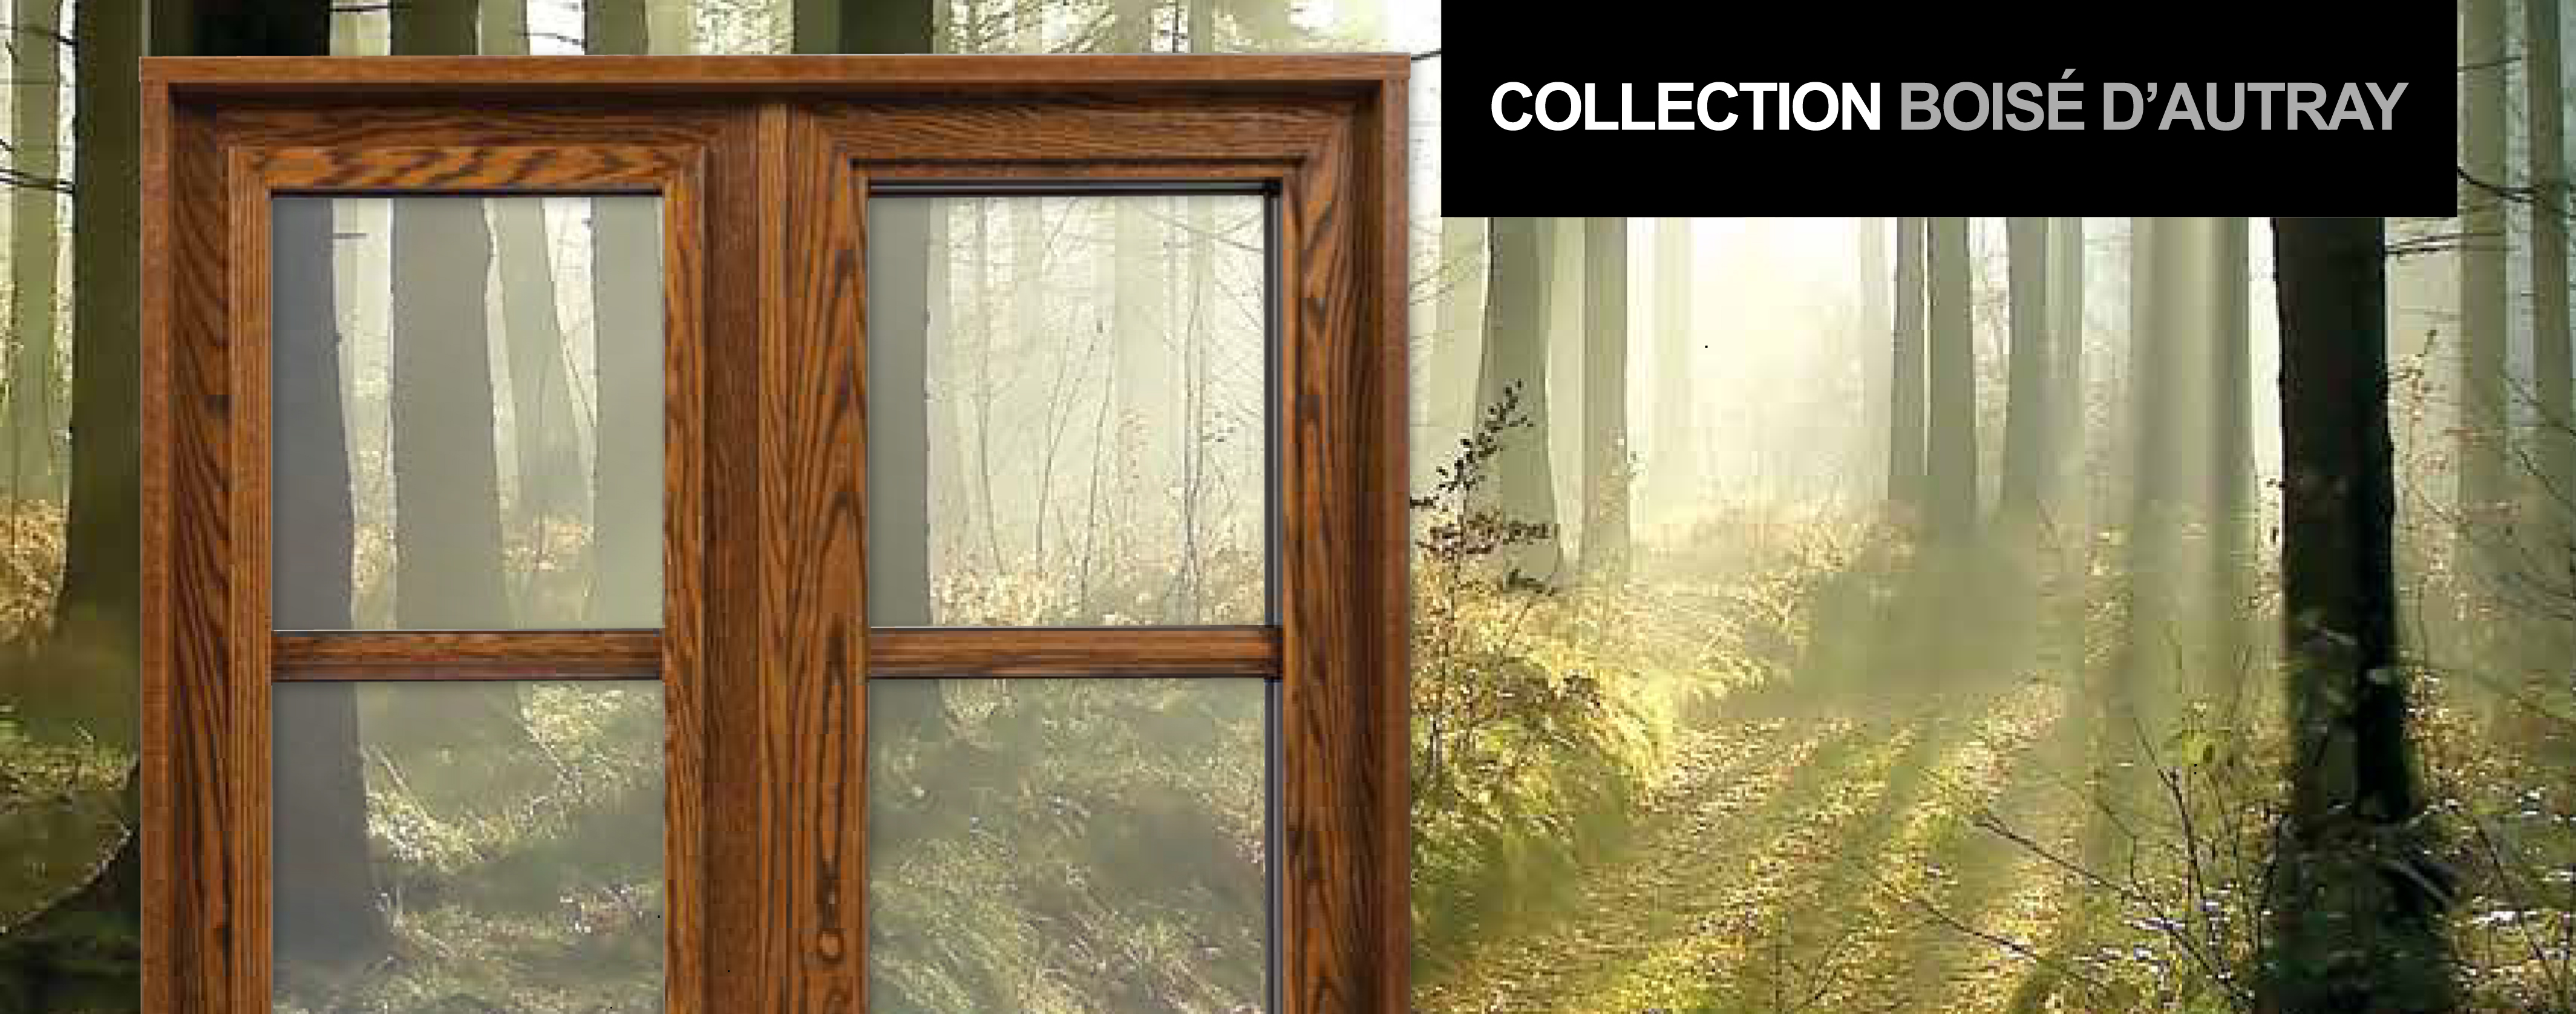 Fen tres de bois portatec fabricant de porte d 39 entr e for Porte fenetre bois sur mesure